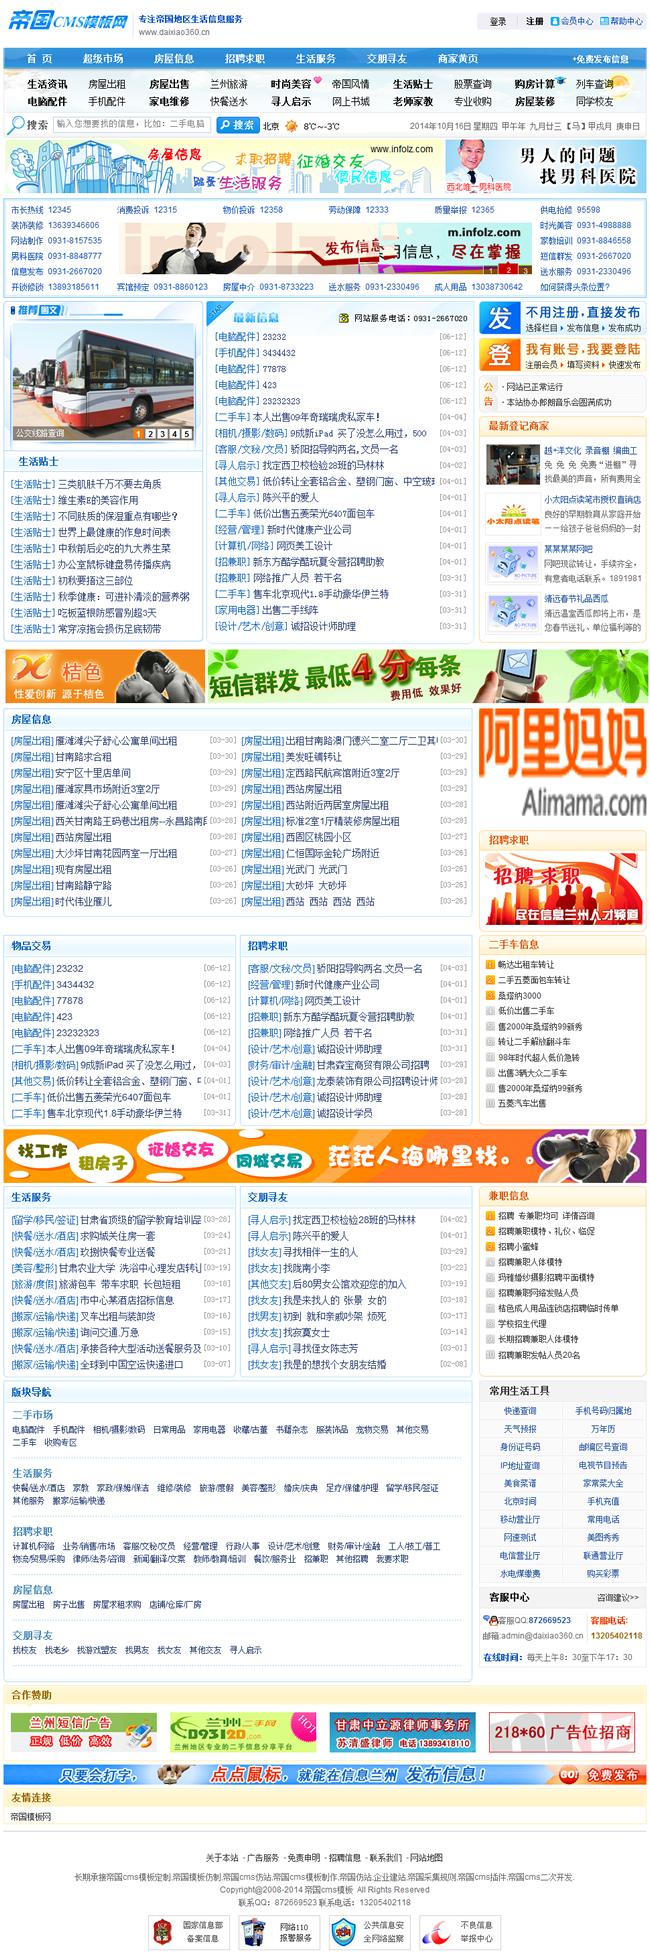 帝国cms蓝色分类信息模板_首页